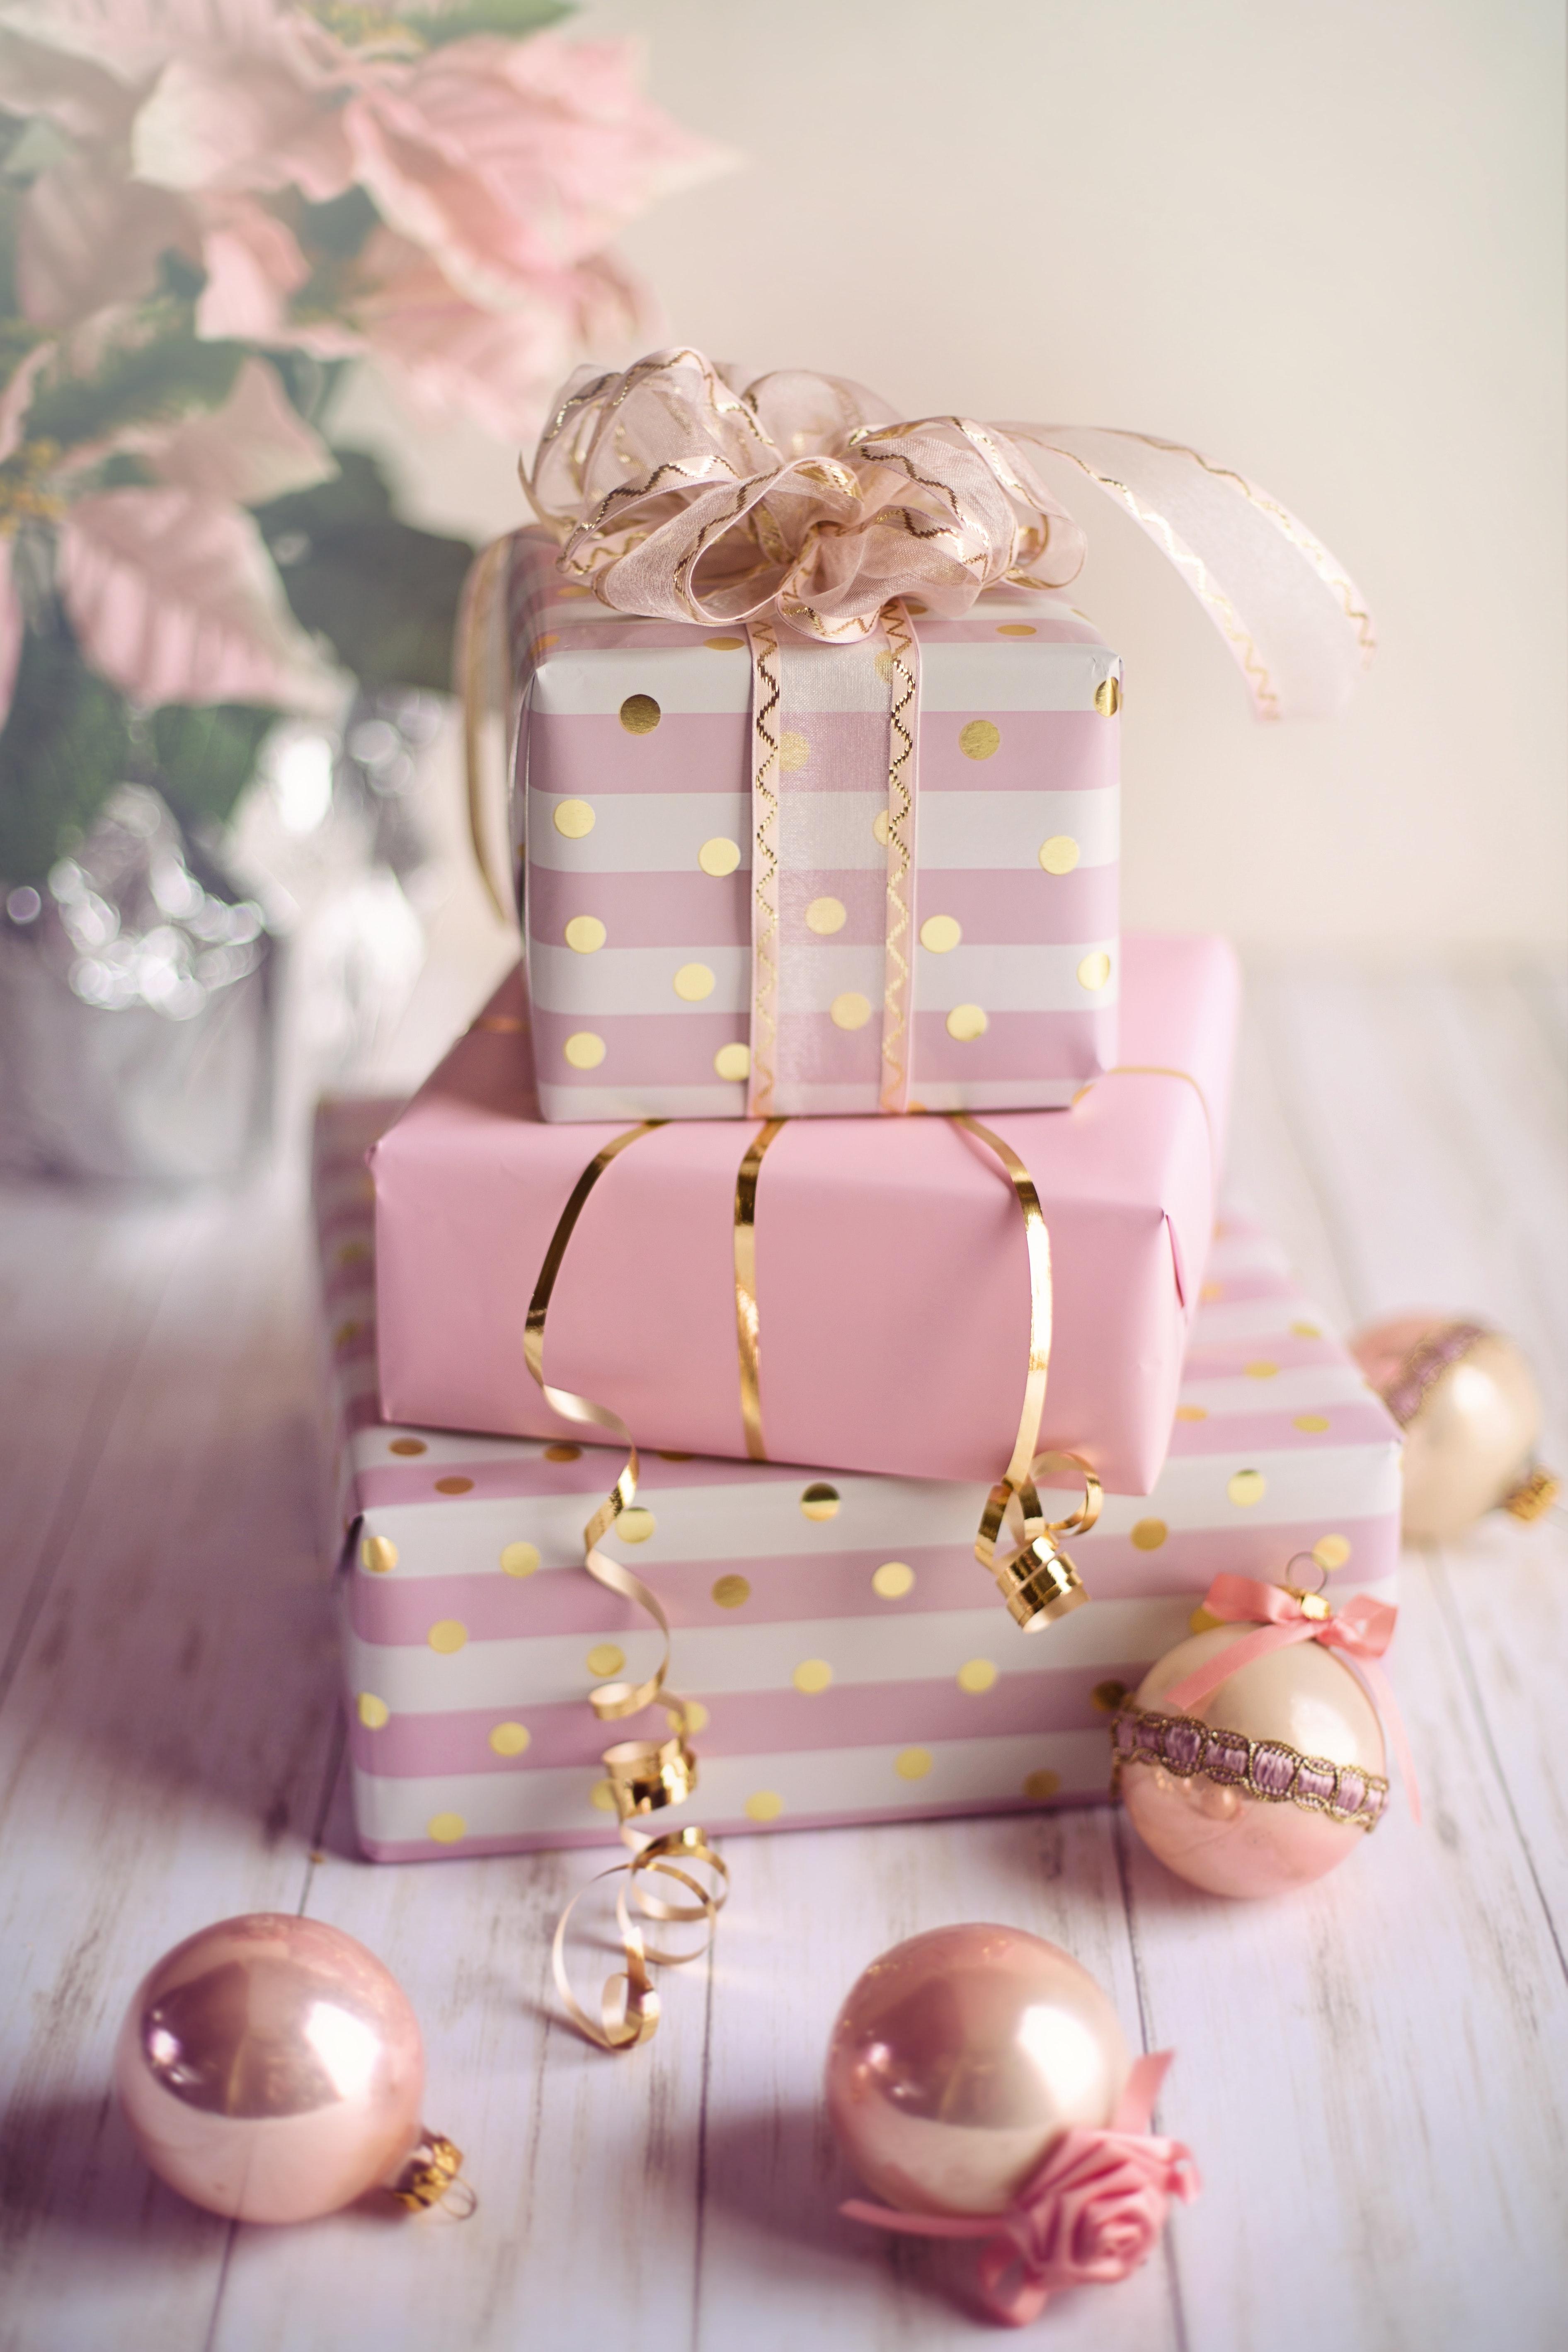 idée de cadeau